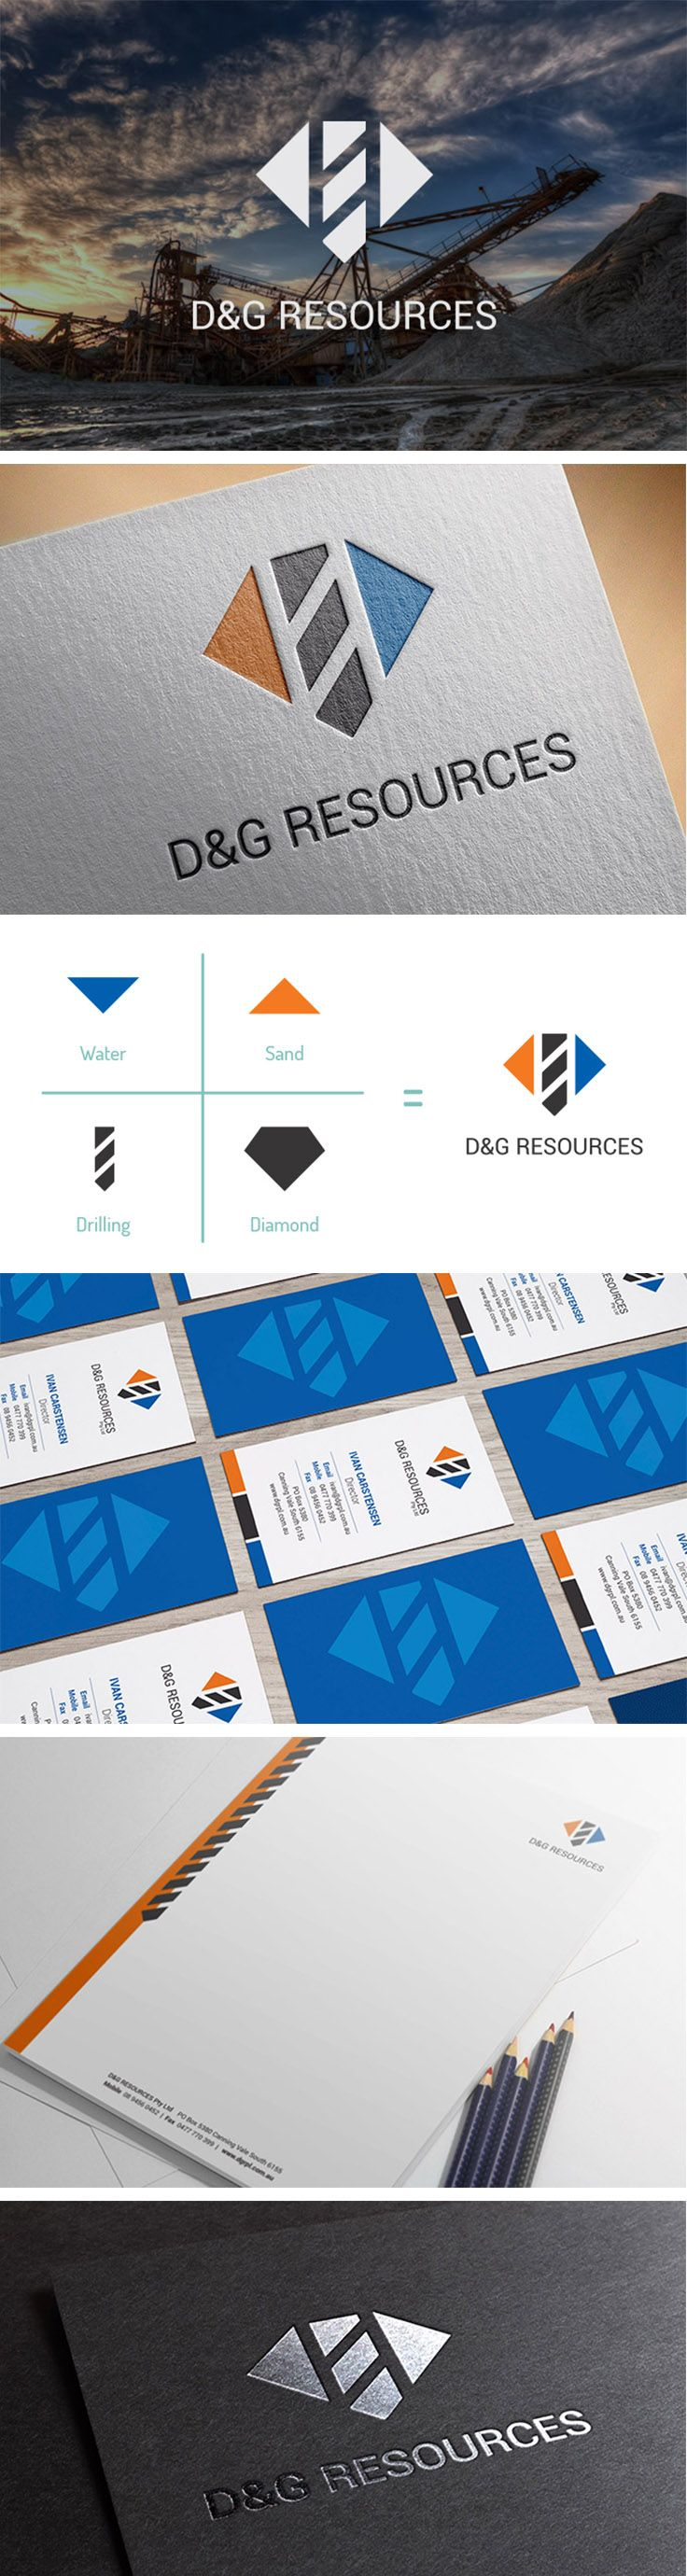 Logo Design, Identité Visuelle, Forage & Étanchéité |  industrie minière, métallurgique,  sable, eau, minéraux, geometrique, graphisme, inspiration | Drilling & Grouting Resources, Perth WA  |  Celine Le Duigou, Freelance.